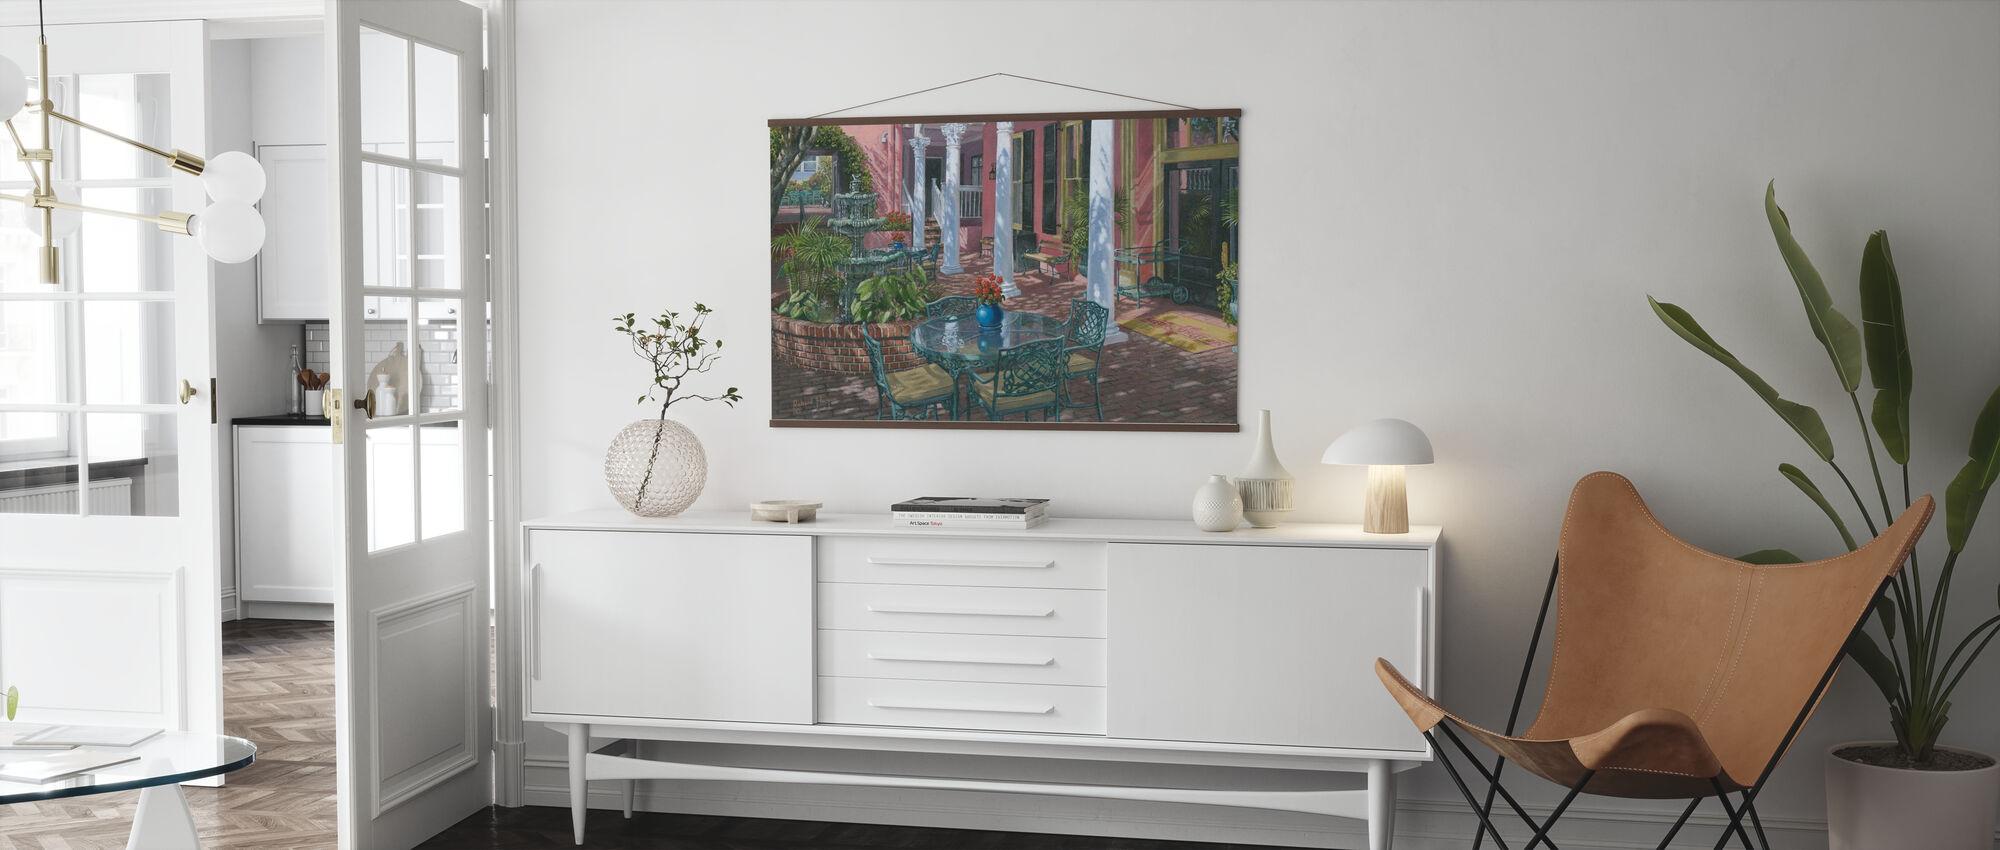 Meeting Street Inn Charleston - Poster - Living Room